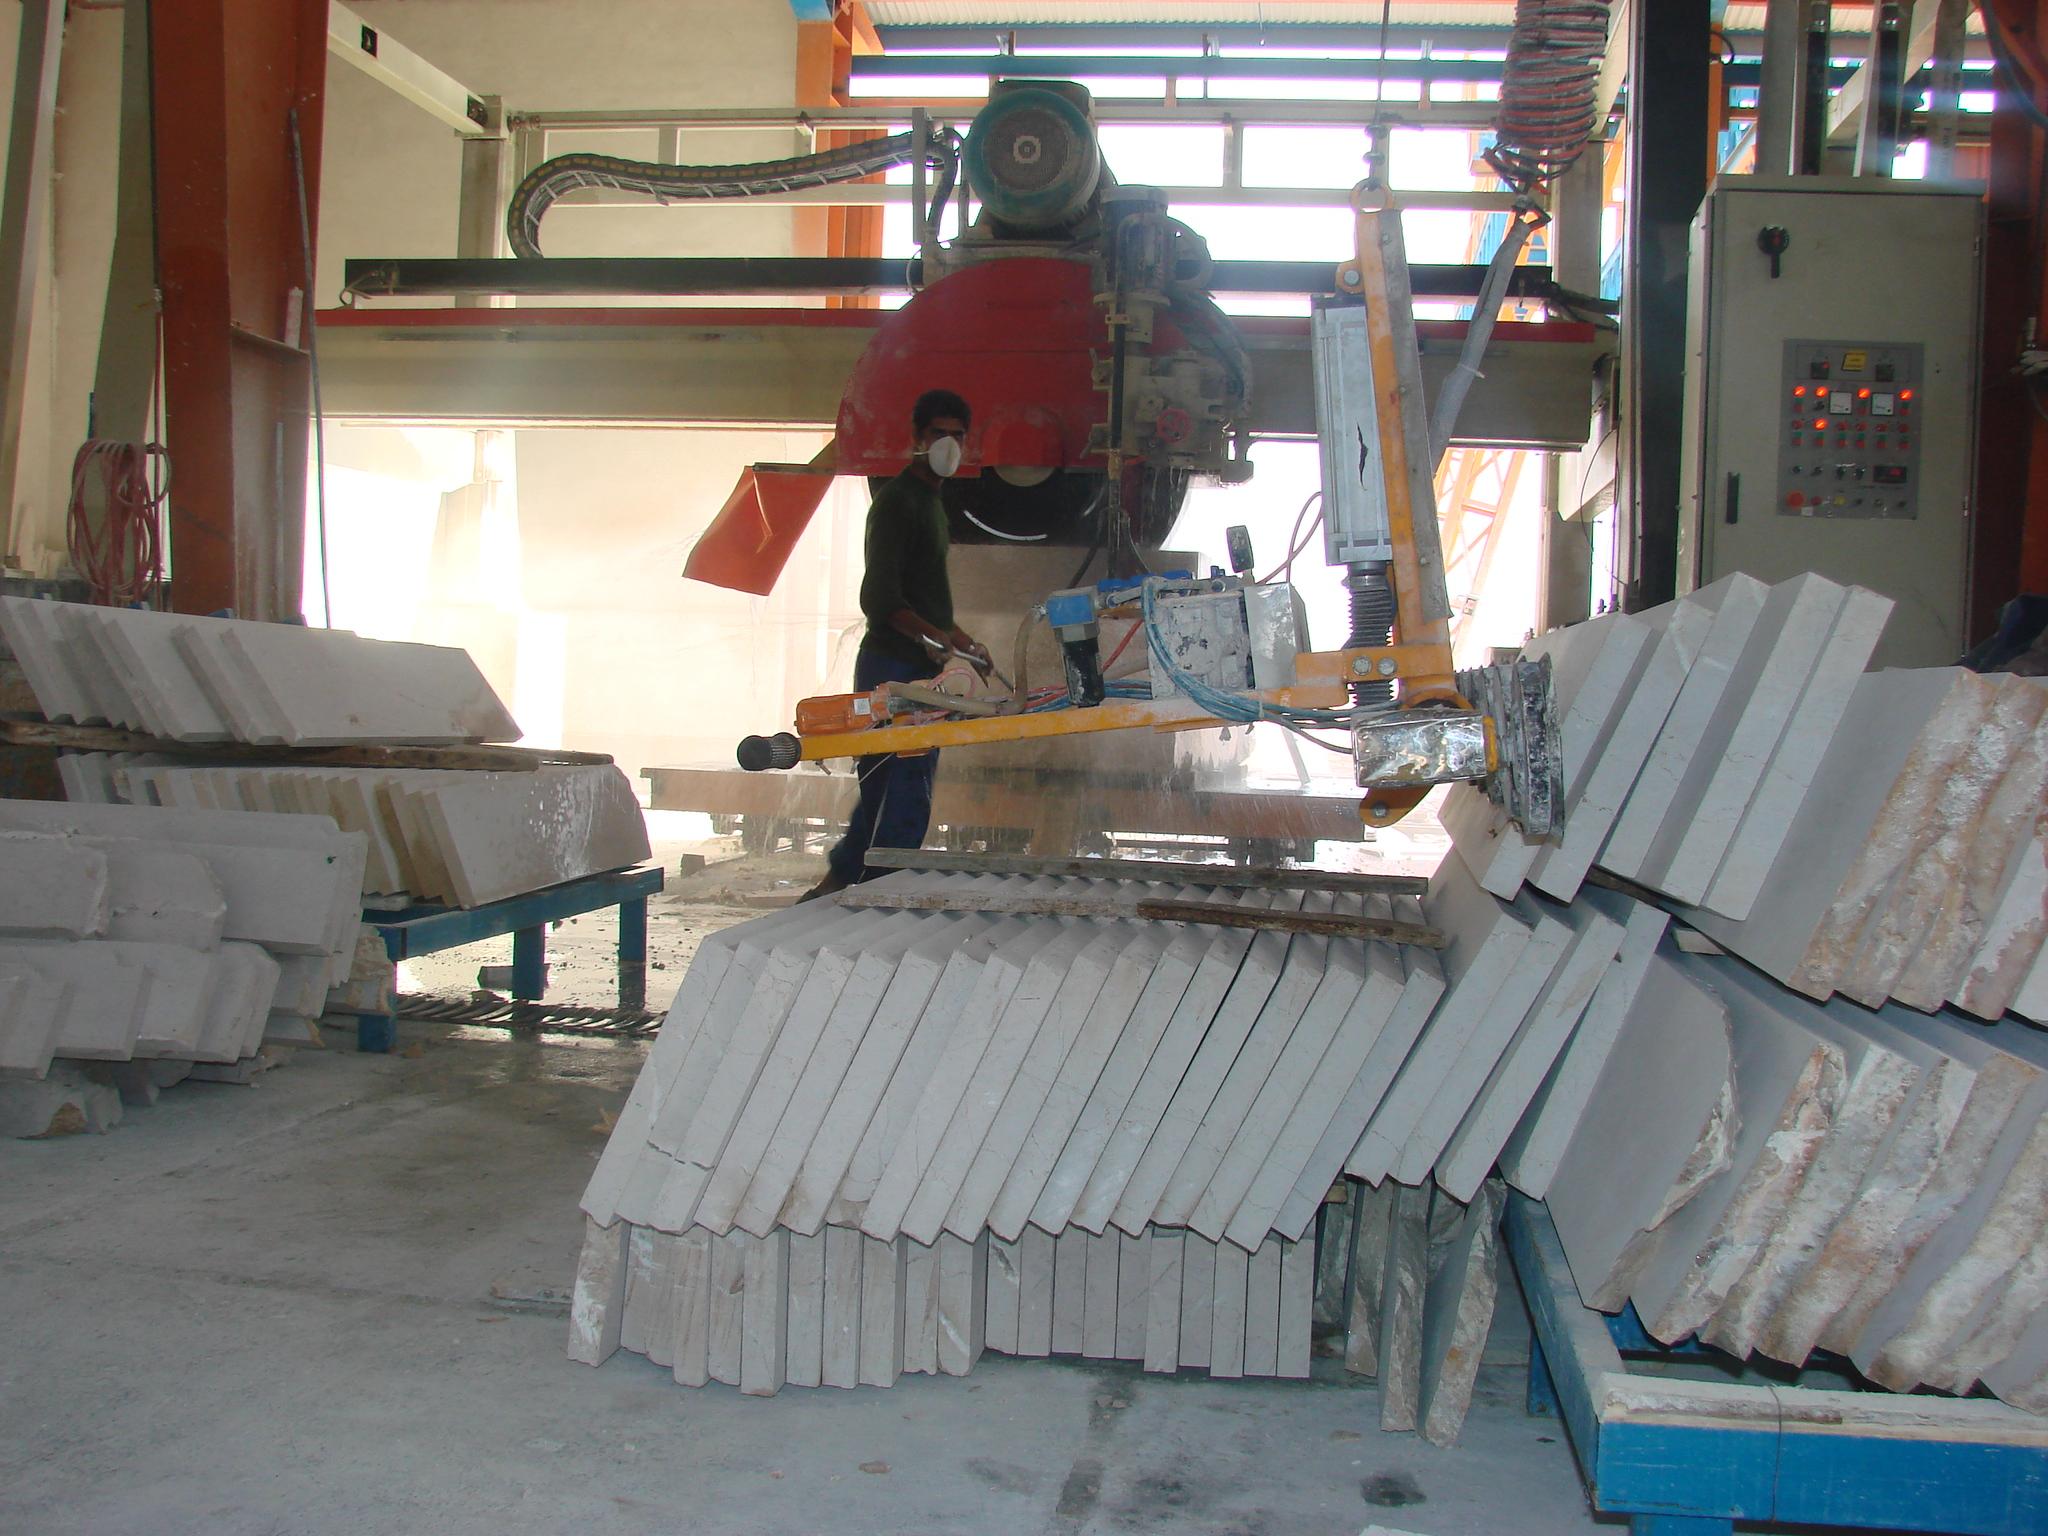 طراحی و ساخت کارخانجات صنعتی شرکت توسعه بهینه ابنیه -